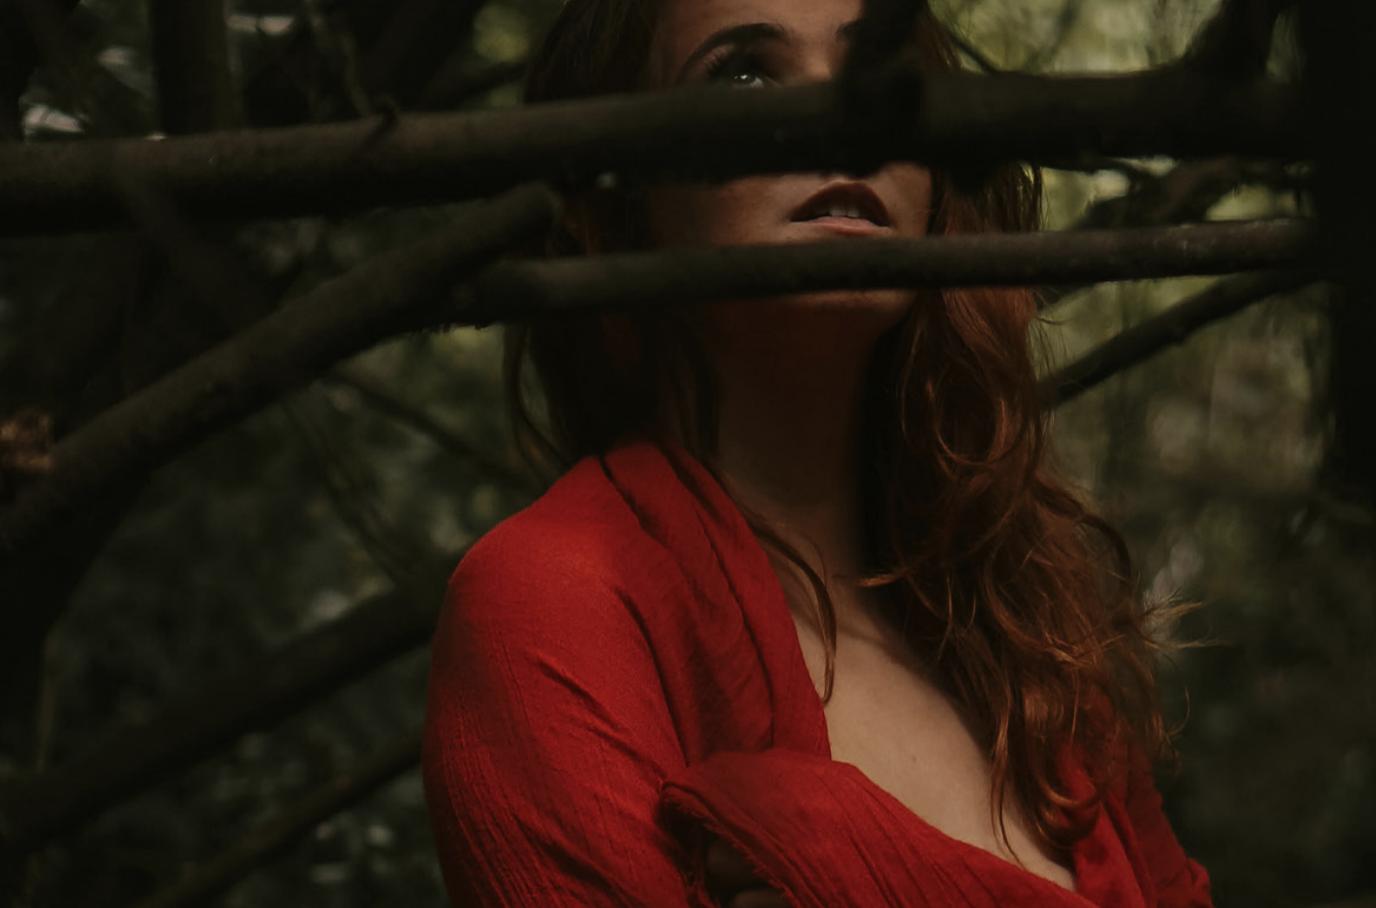 Semana de la erótica en el Centro Cívico Can Deu 2019